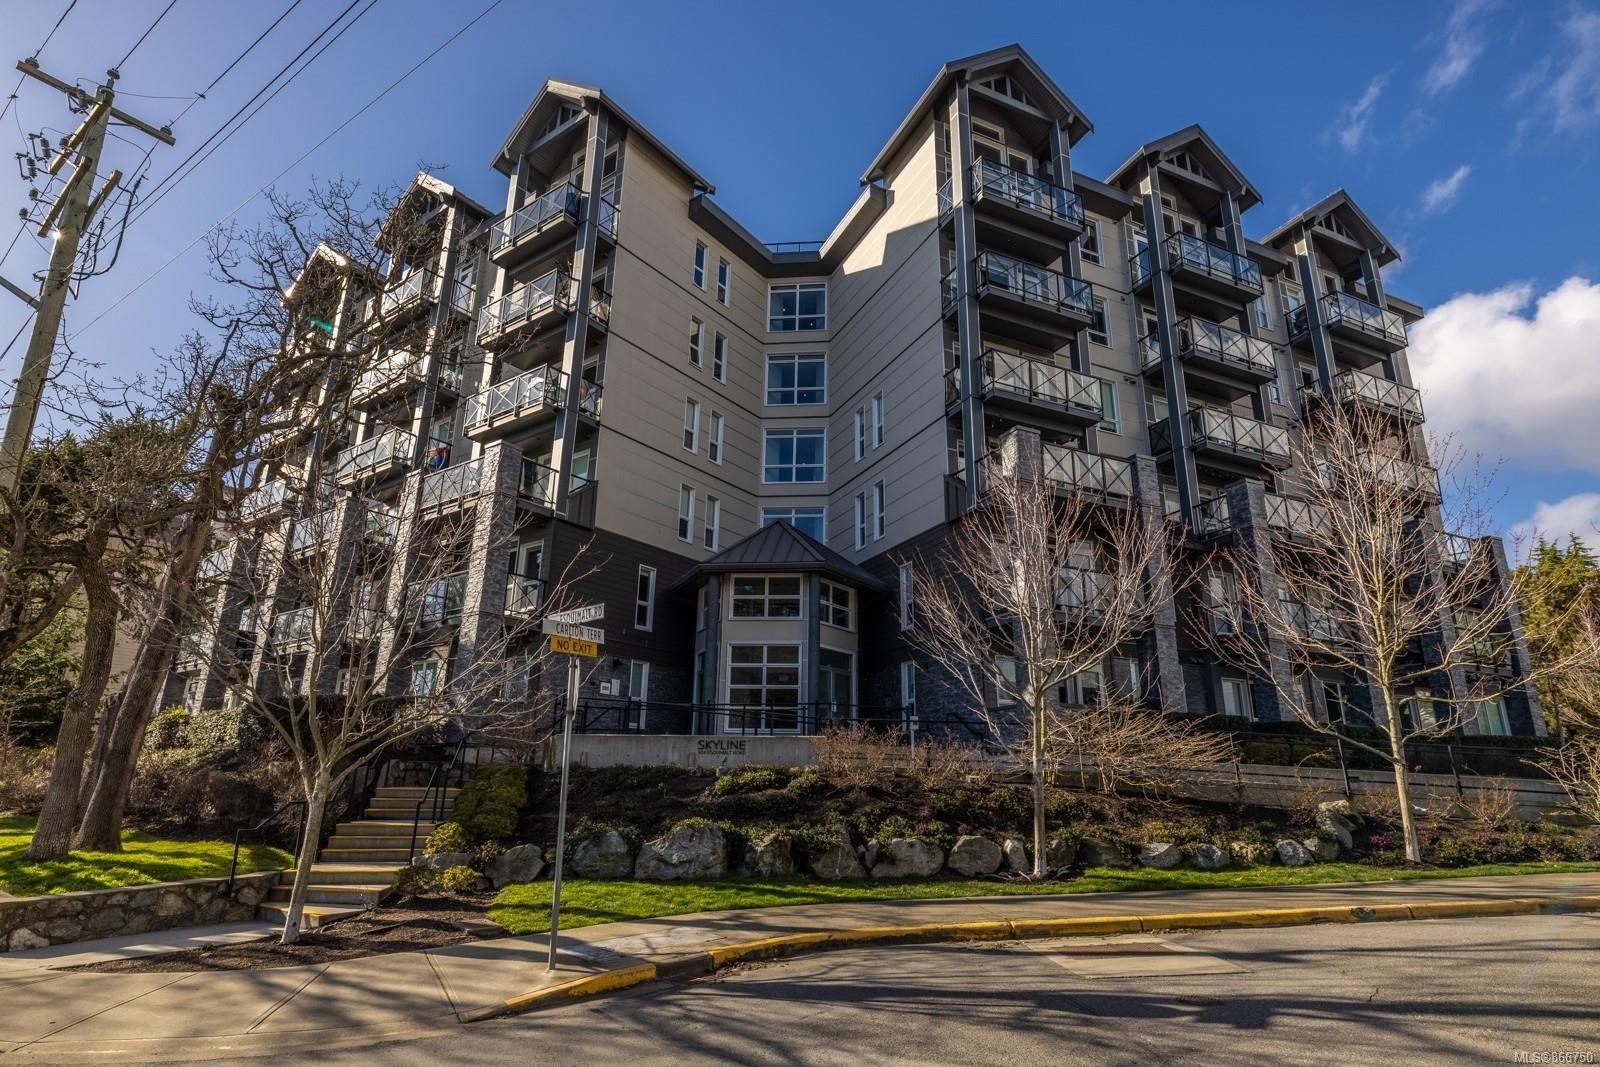 Main Photo: 202 924 Esquimalt Rd in : Es Old Esquimalt Condo for sale (Esquimalt)  : MLS®# 866750